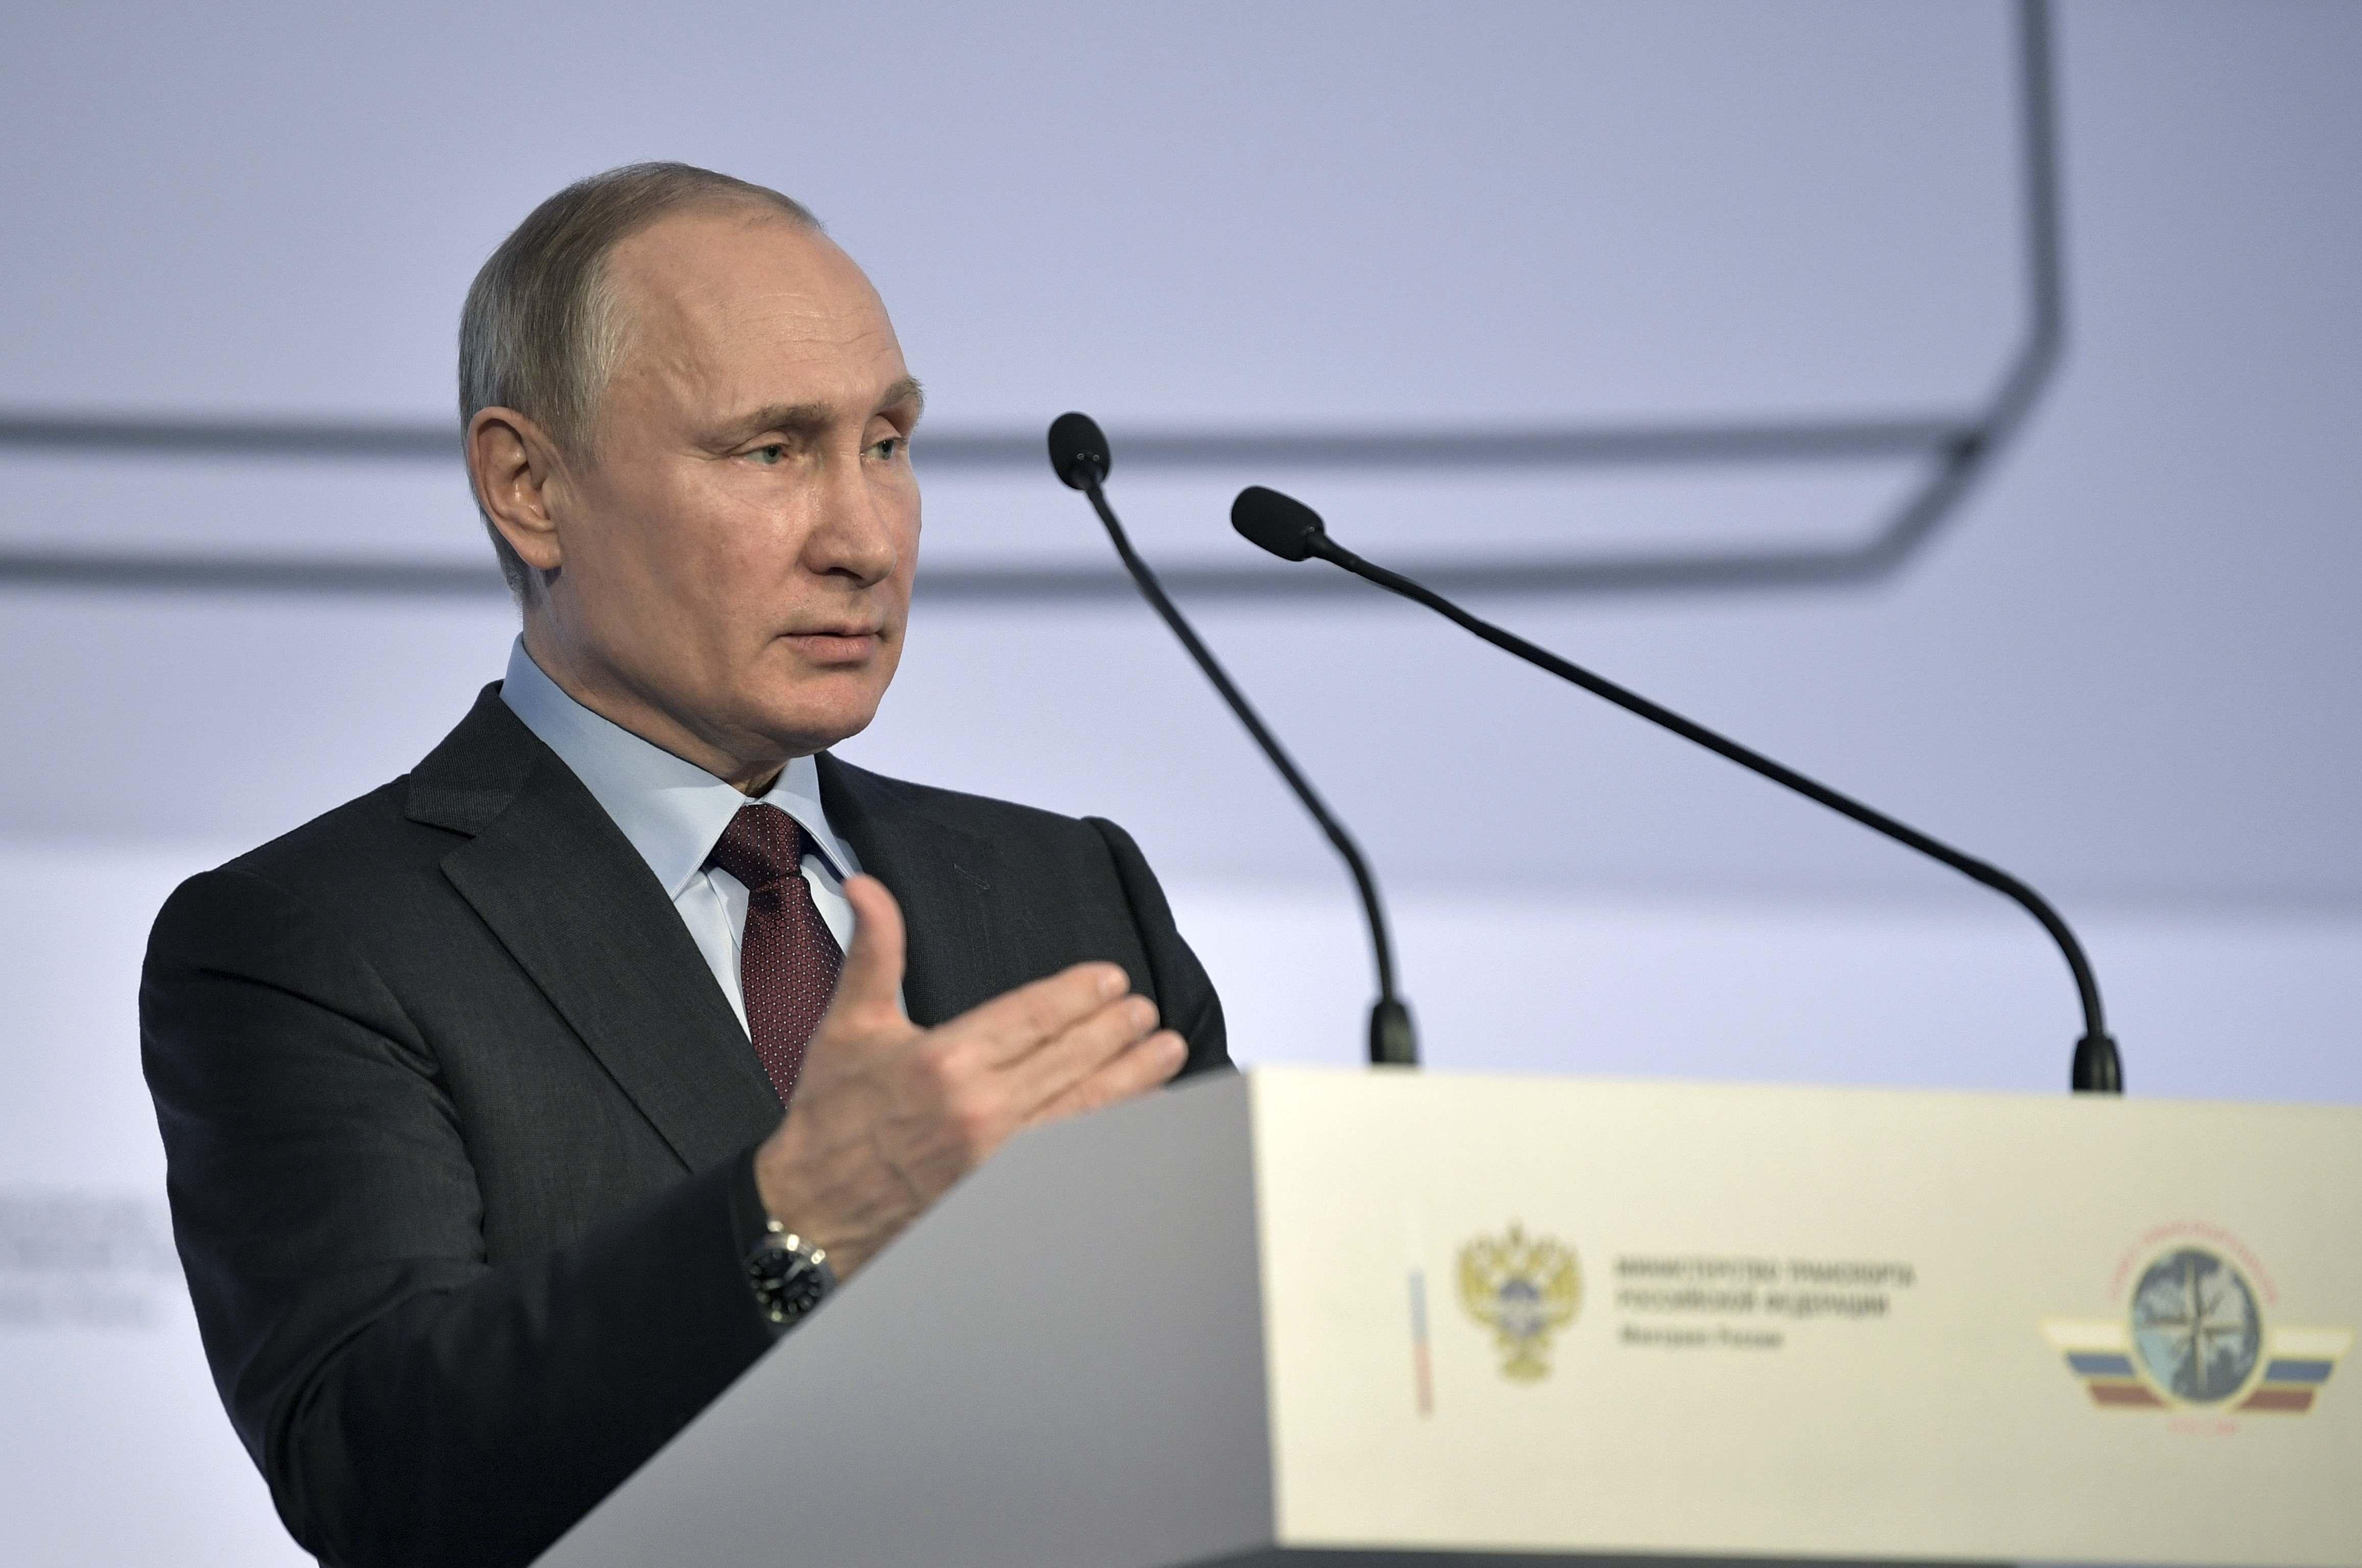 Владимир Путин назвал cвоим маяком интересы России